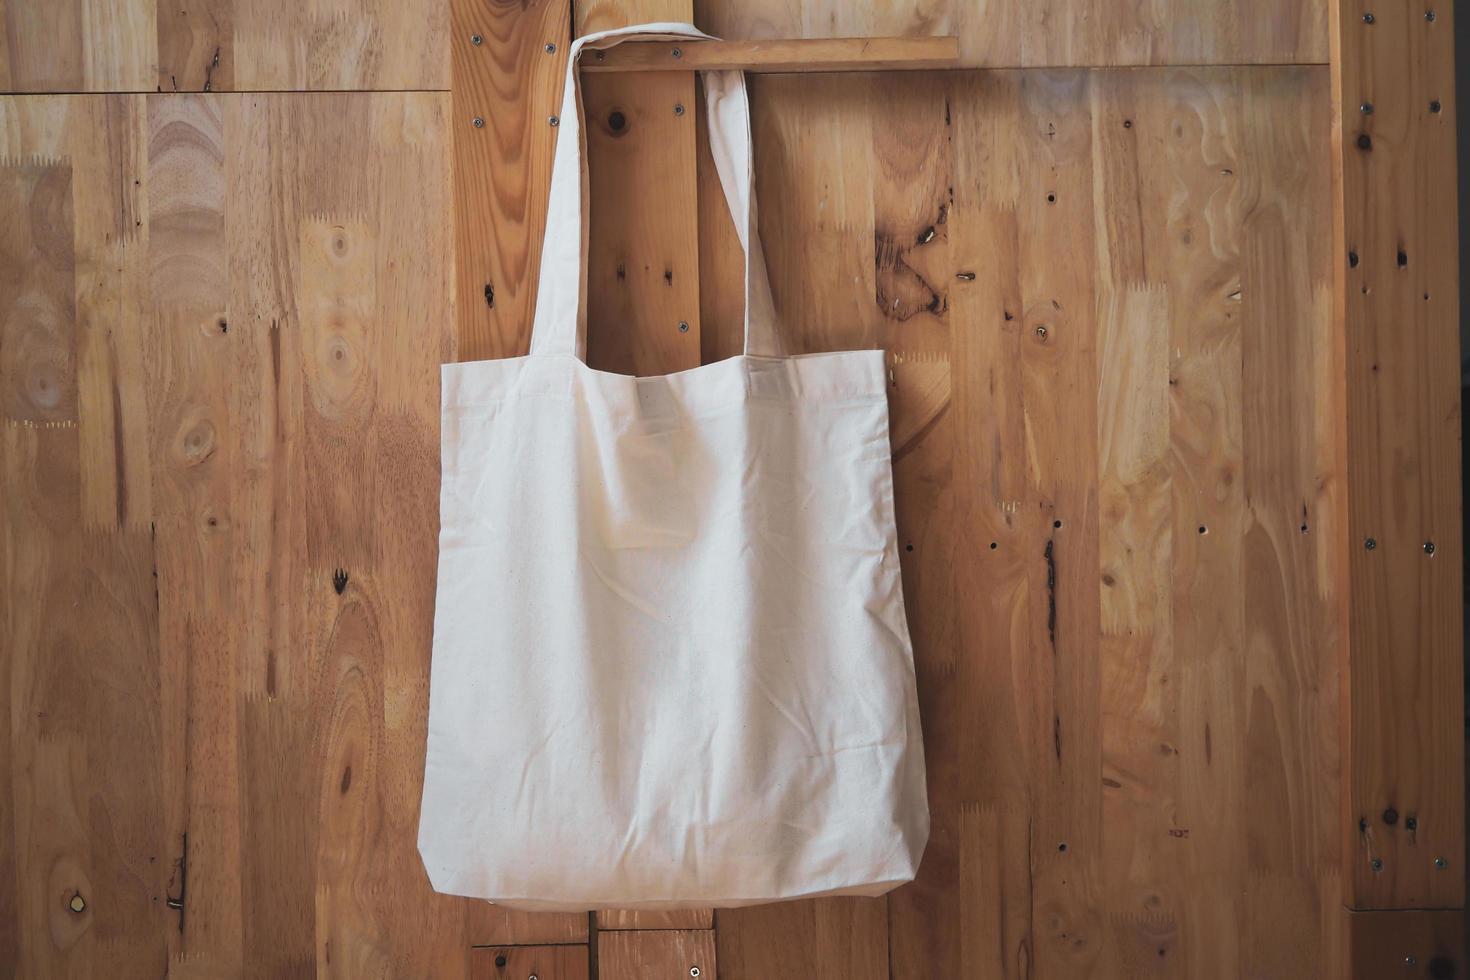 bolsa de algodão branco na parede de madeira foto